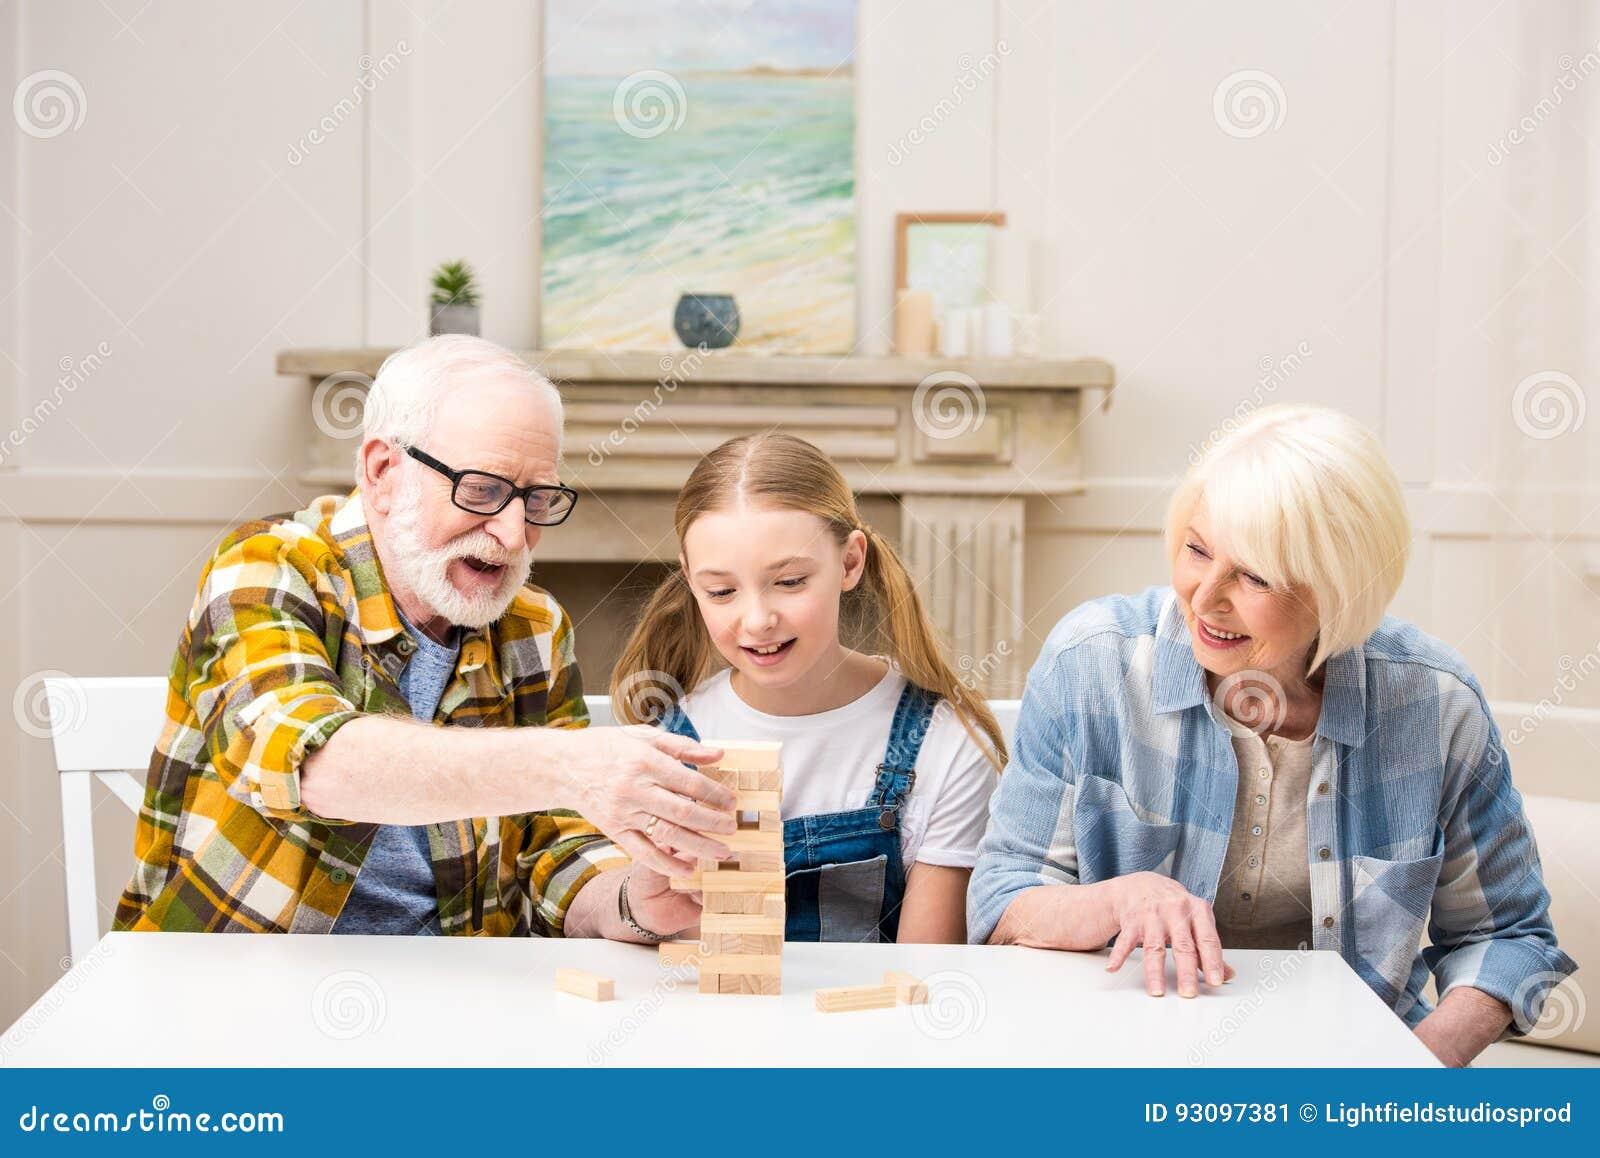 Kleines Mädchen mit dem Großvater und Großmutter, die zu Hause jenga Spiel spielen